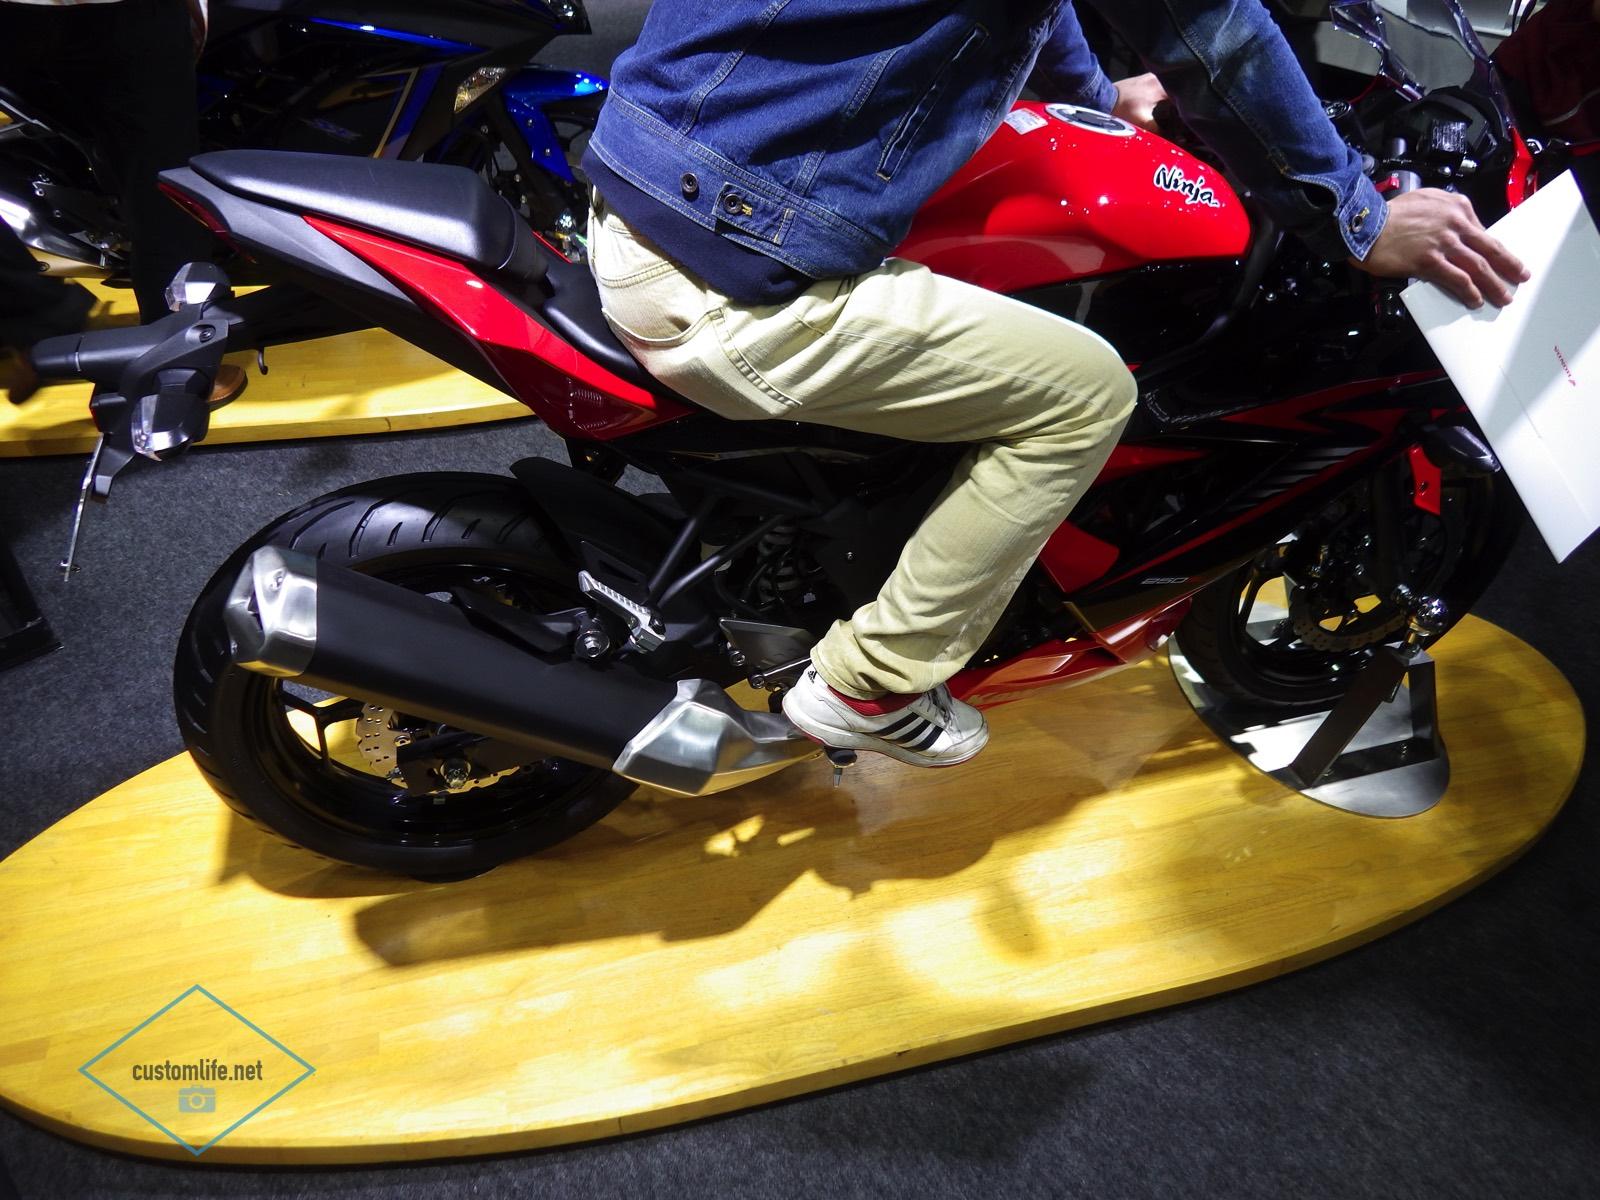 MotorcycleShow 2015 Osaka 20